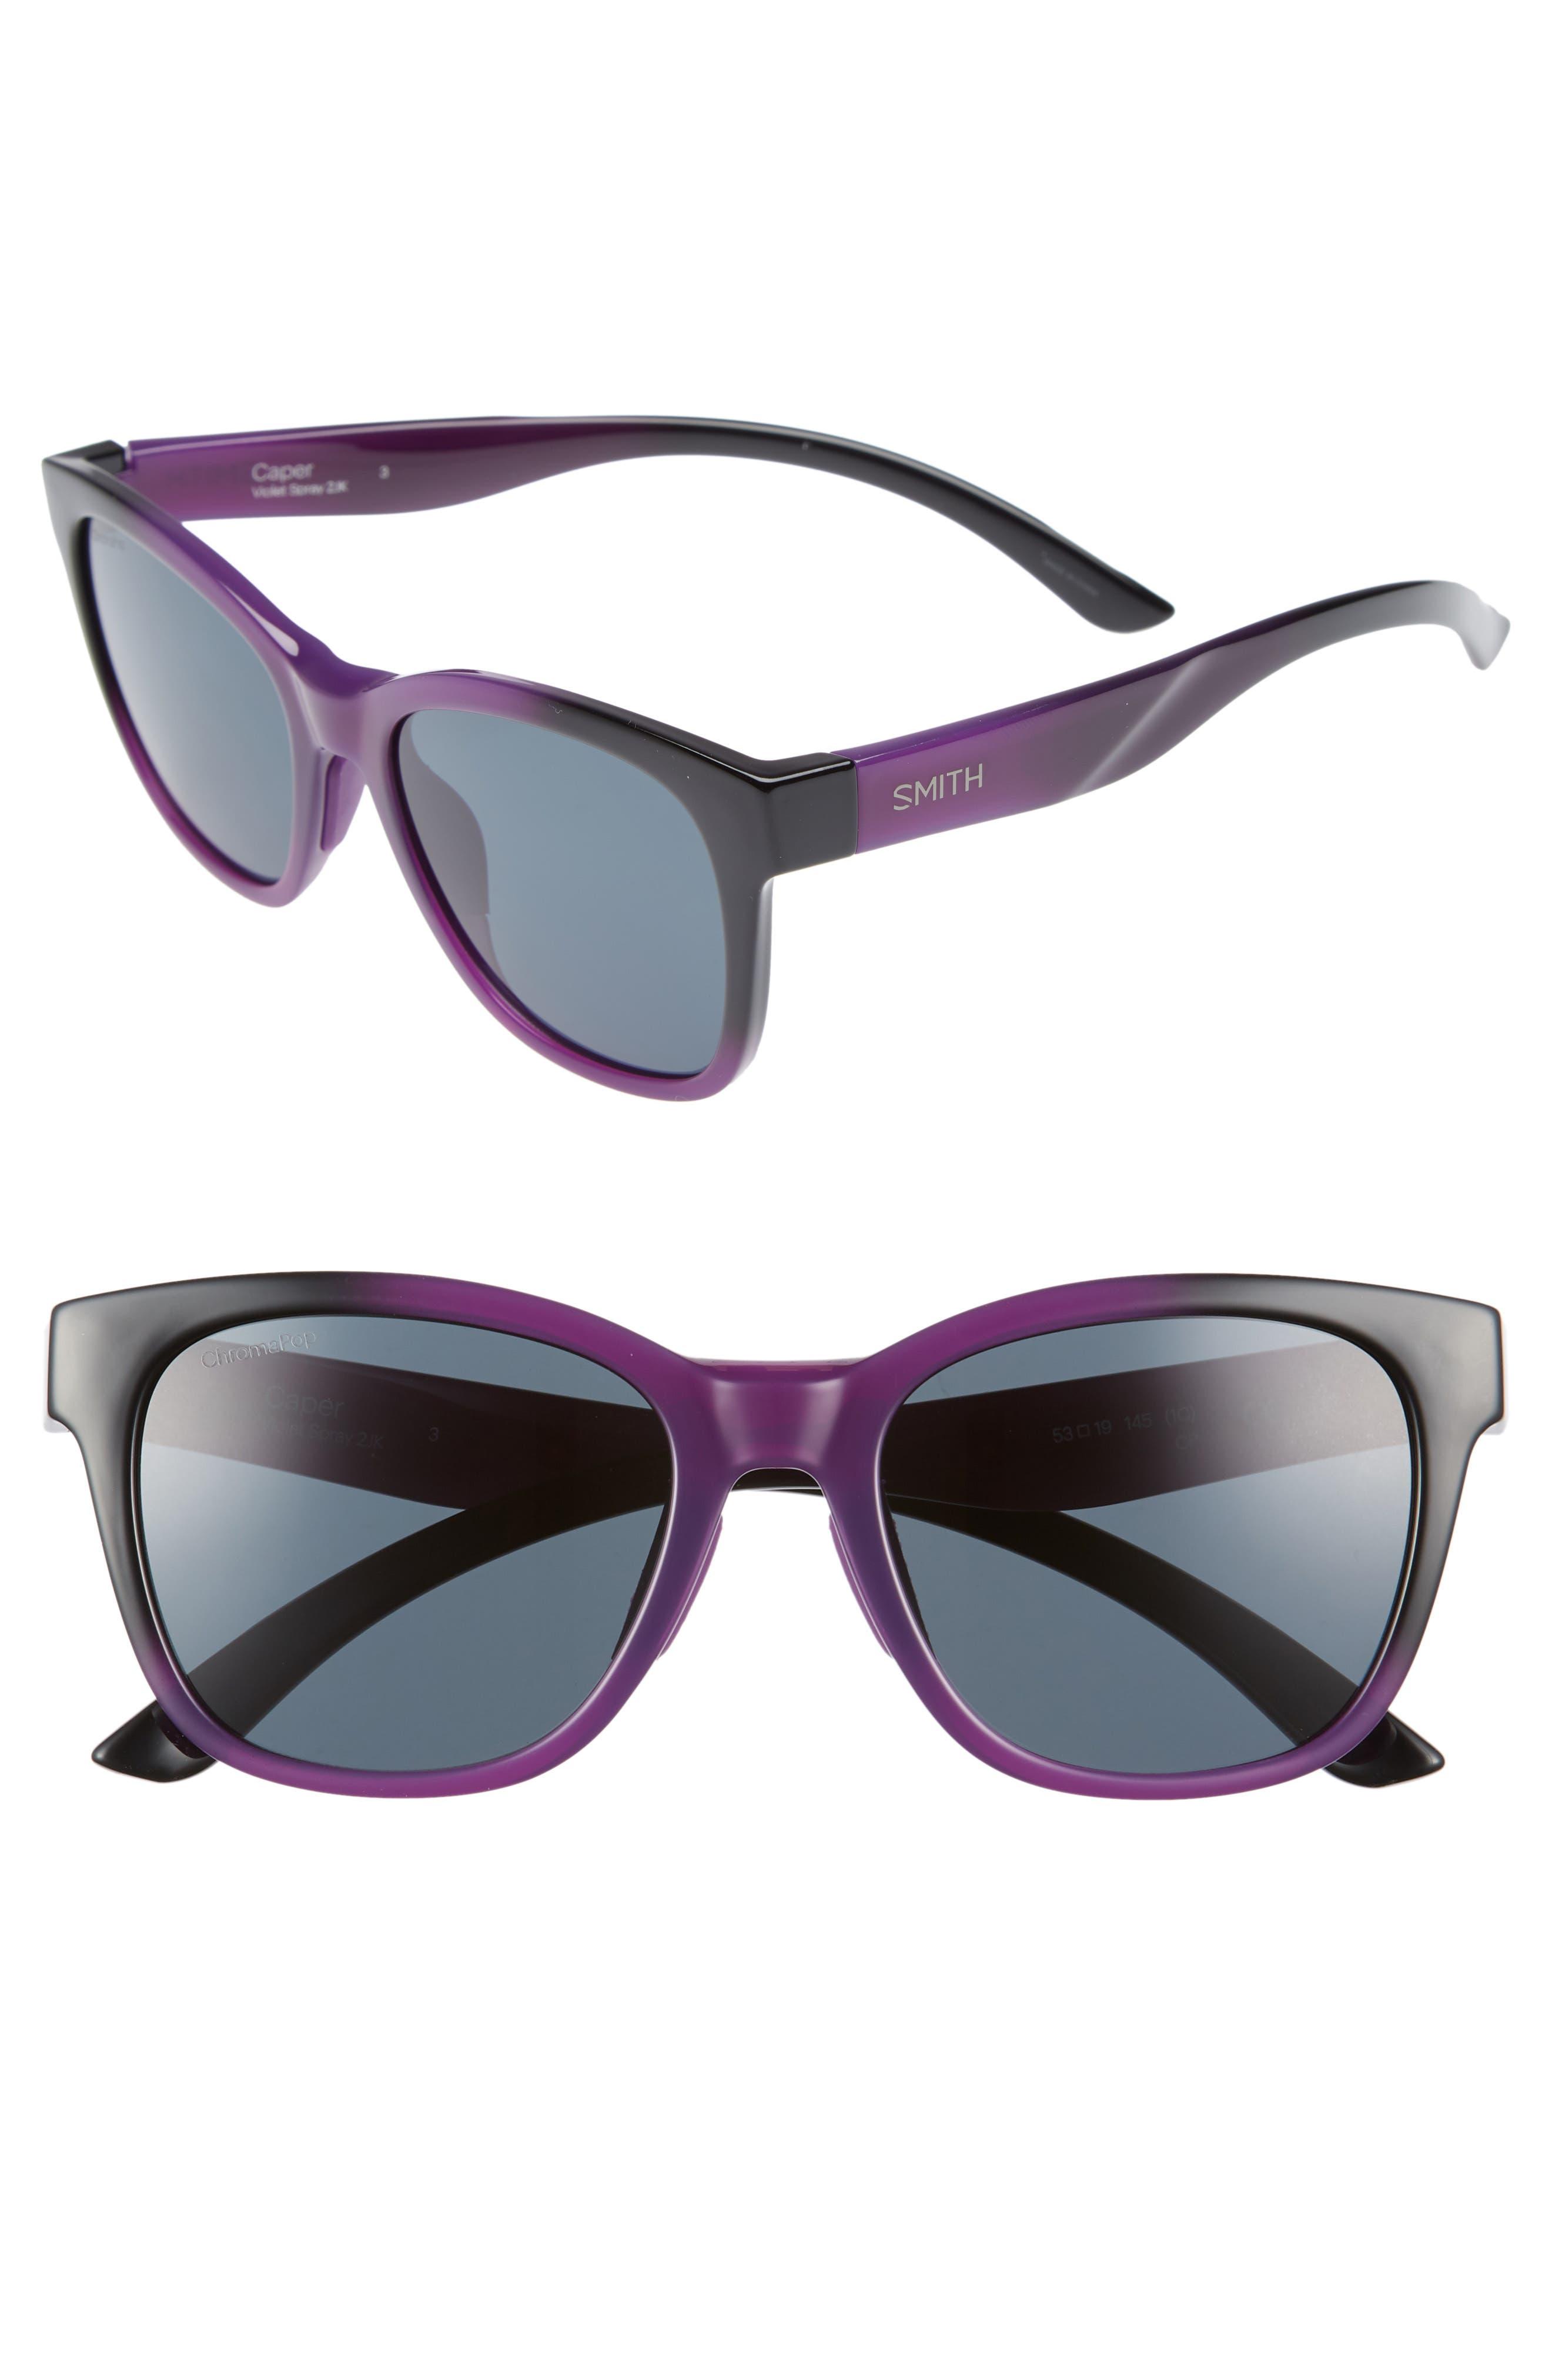 Caper 53mm ChromaPop<sup>™</sup> Square Sunglasses,                             Main thumbnail 1, color,                             Violet Spray